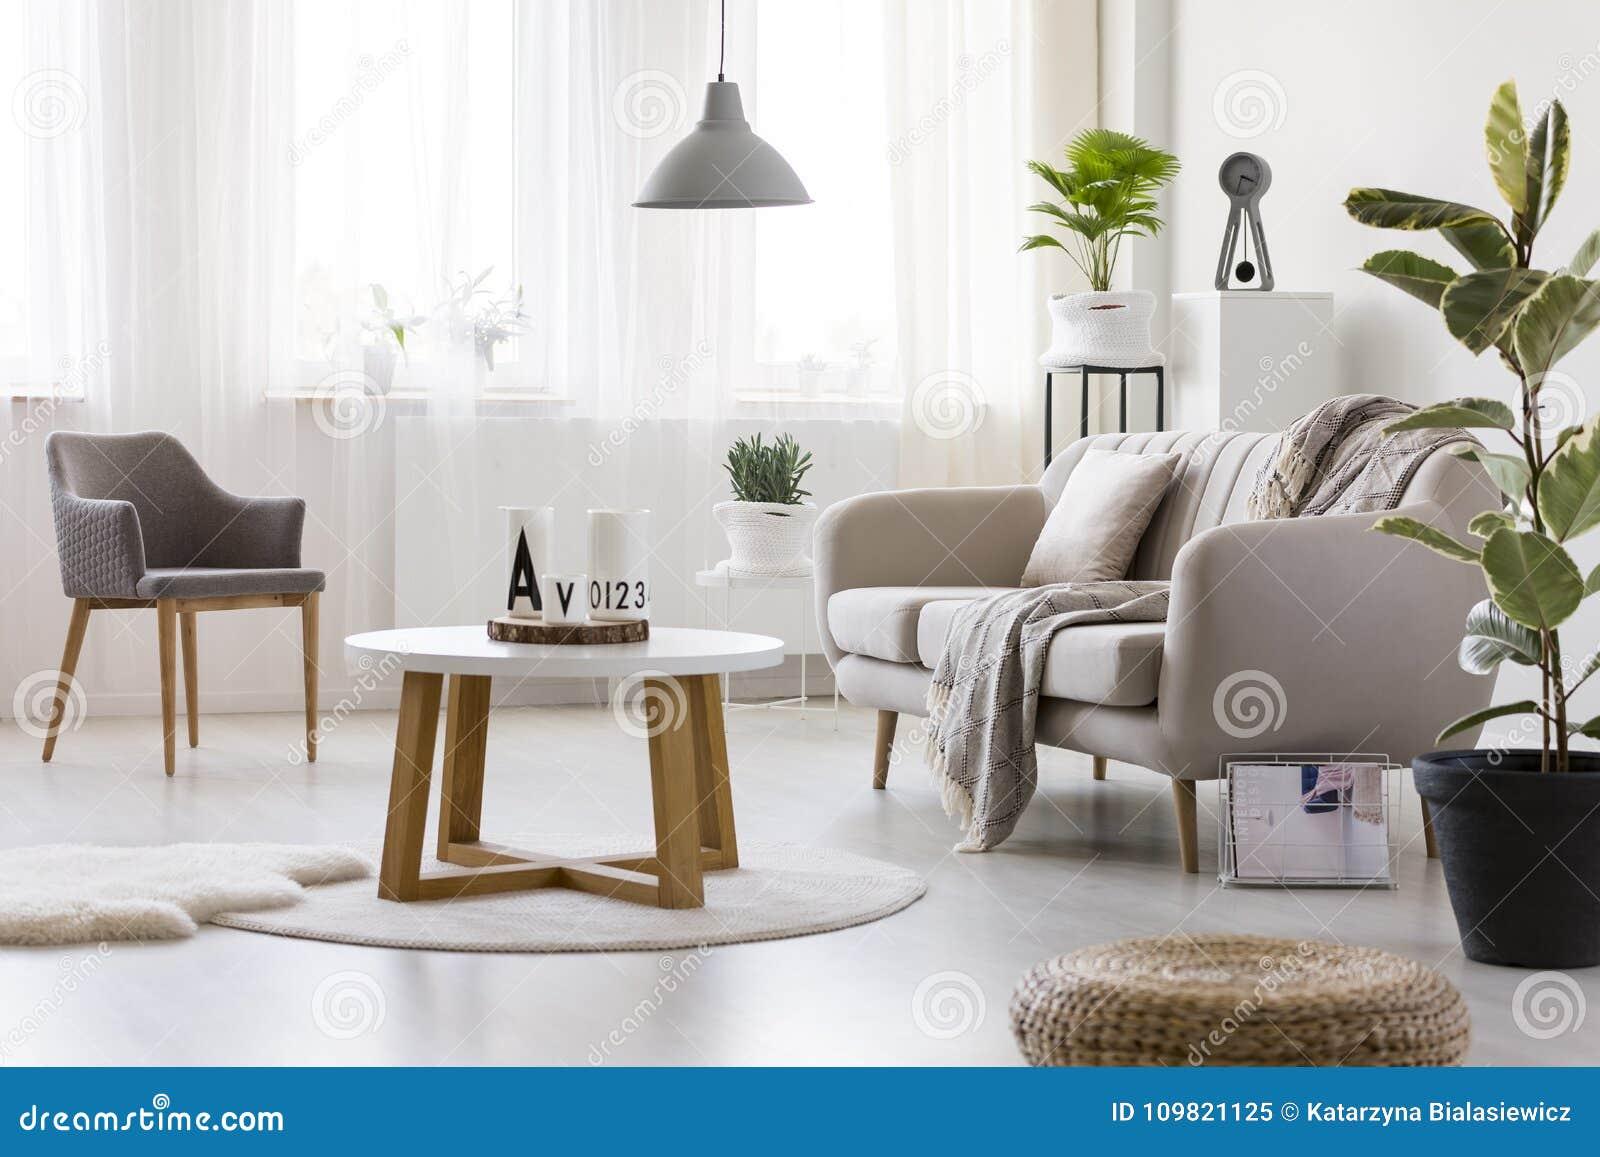 Fauteuil Dans Le Salon Confortable Image stock - Image du coaster ...